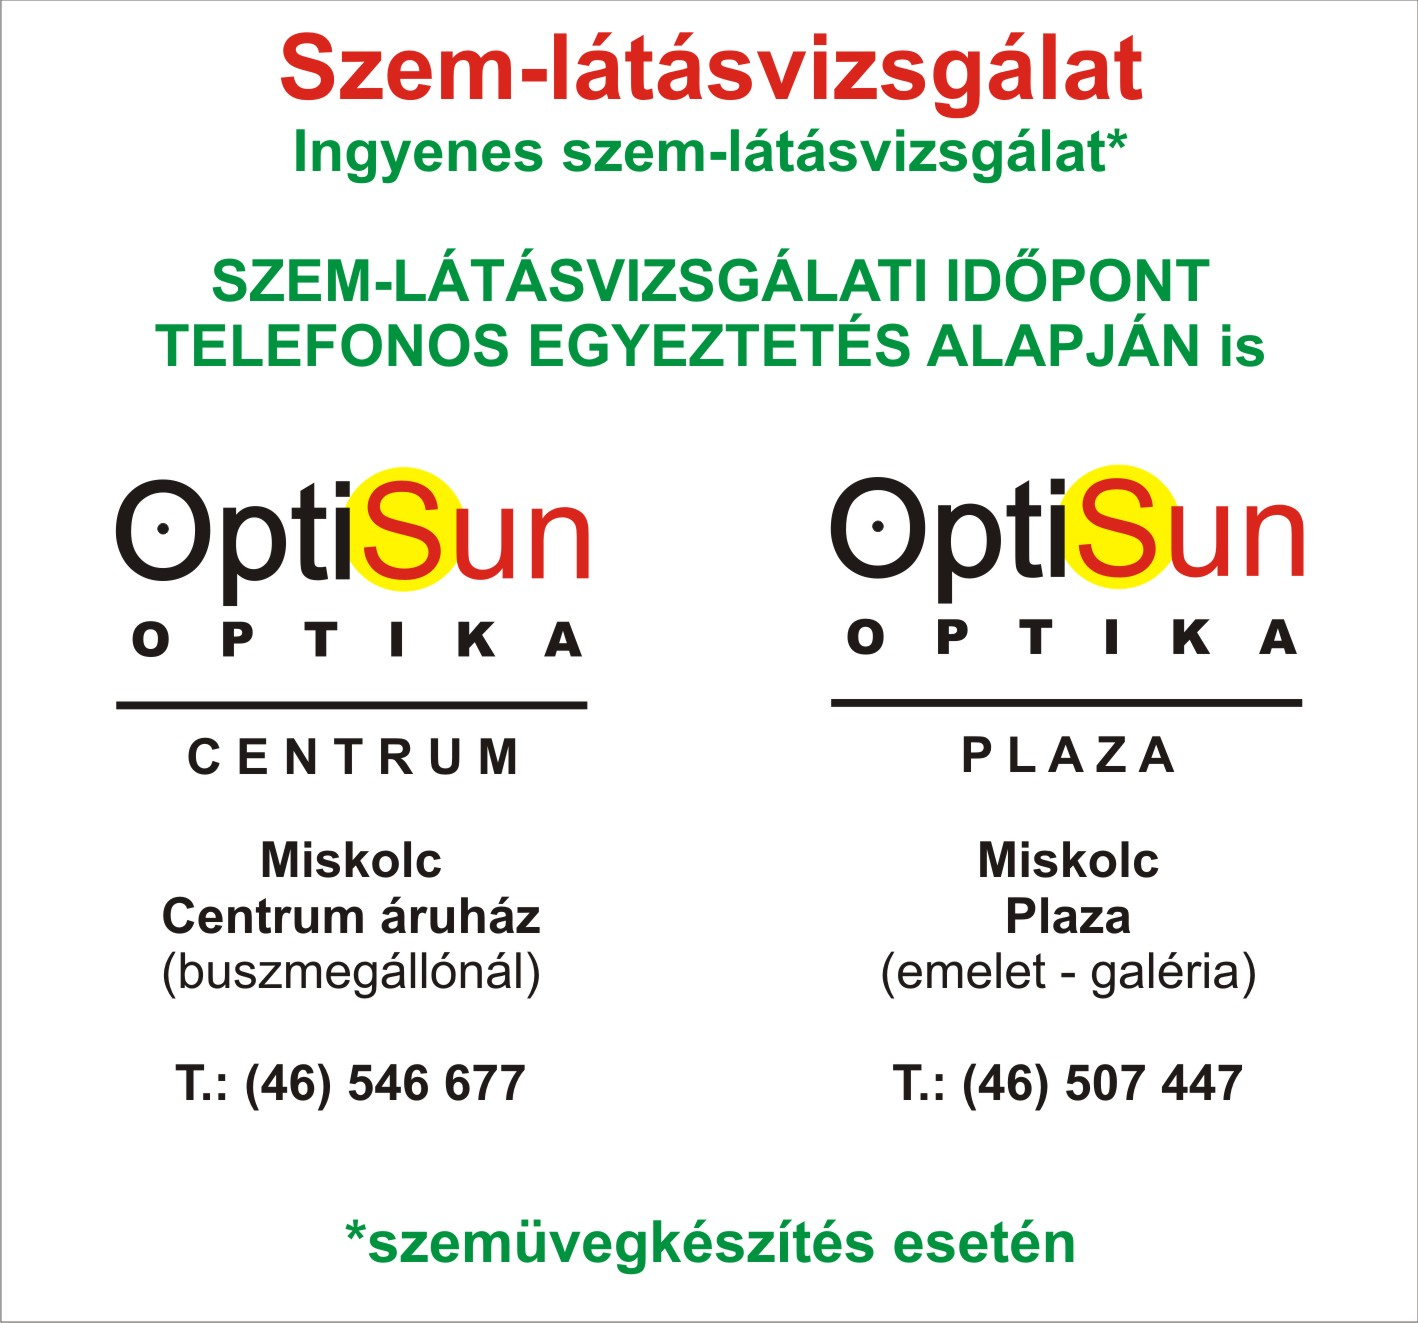 Matók Optika - Szemüvegkeretek, látásvizsgálat, kontaktlencse